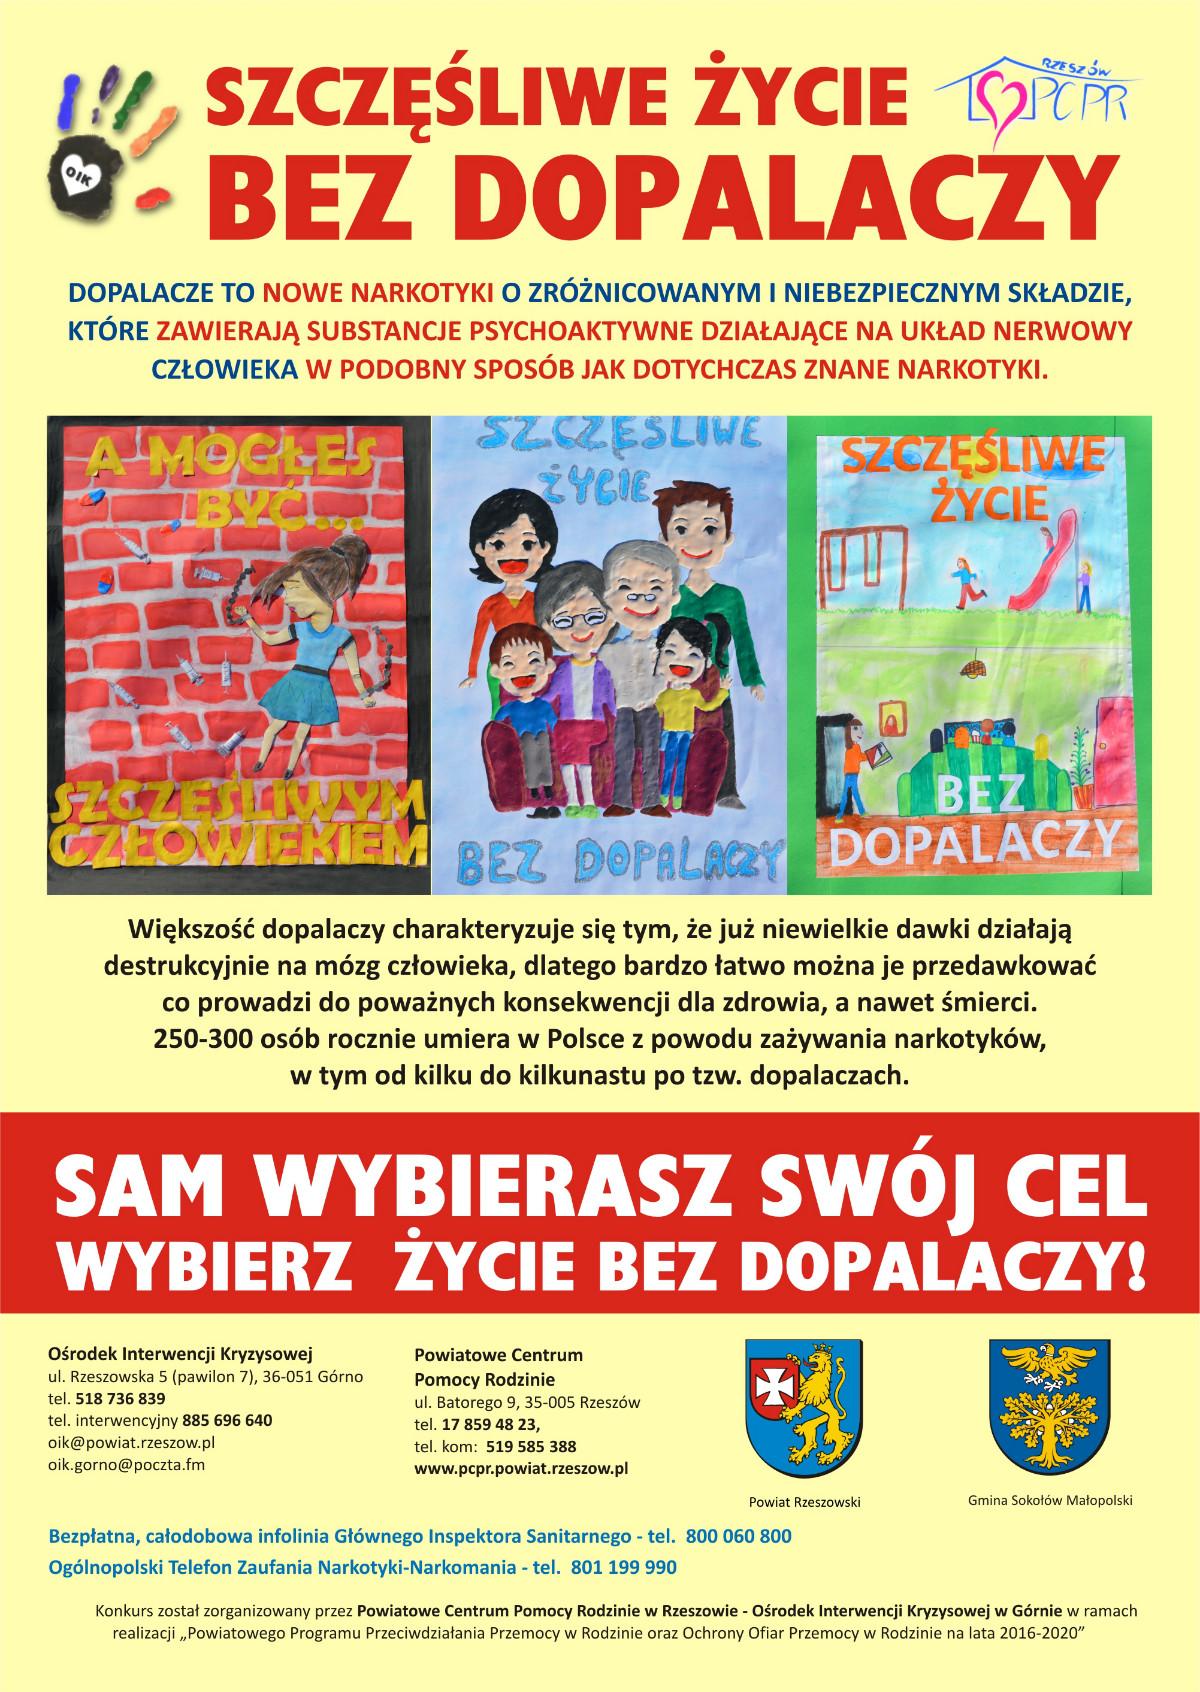 https://pcpr.powiat.rzeszowski.pl/aktualnosci/rozstrzygniecie-konkursu-plastycznego-pt-szczesliwe-zycie-bez-dopalaczy/attachment/plakat-dopalacze-jpg/